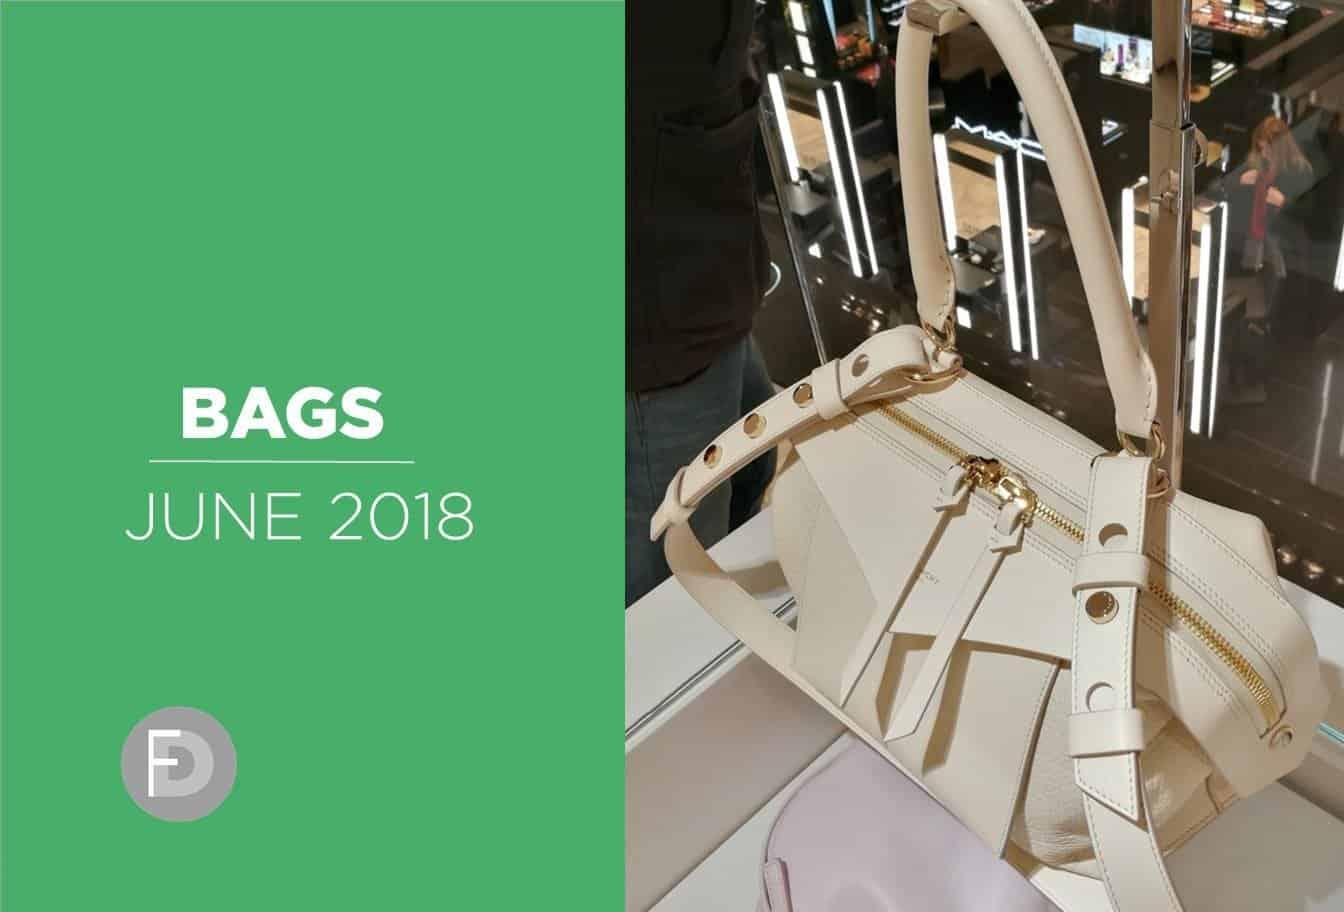 Bags June 2018 Part 2